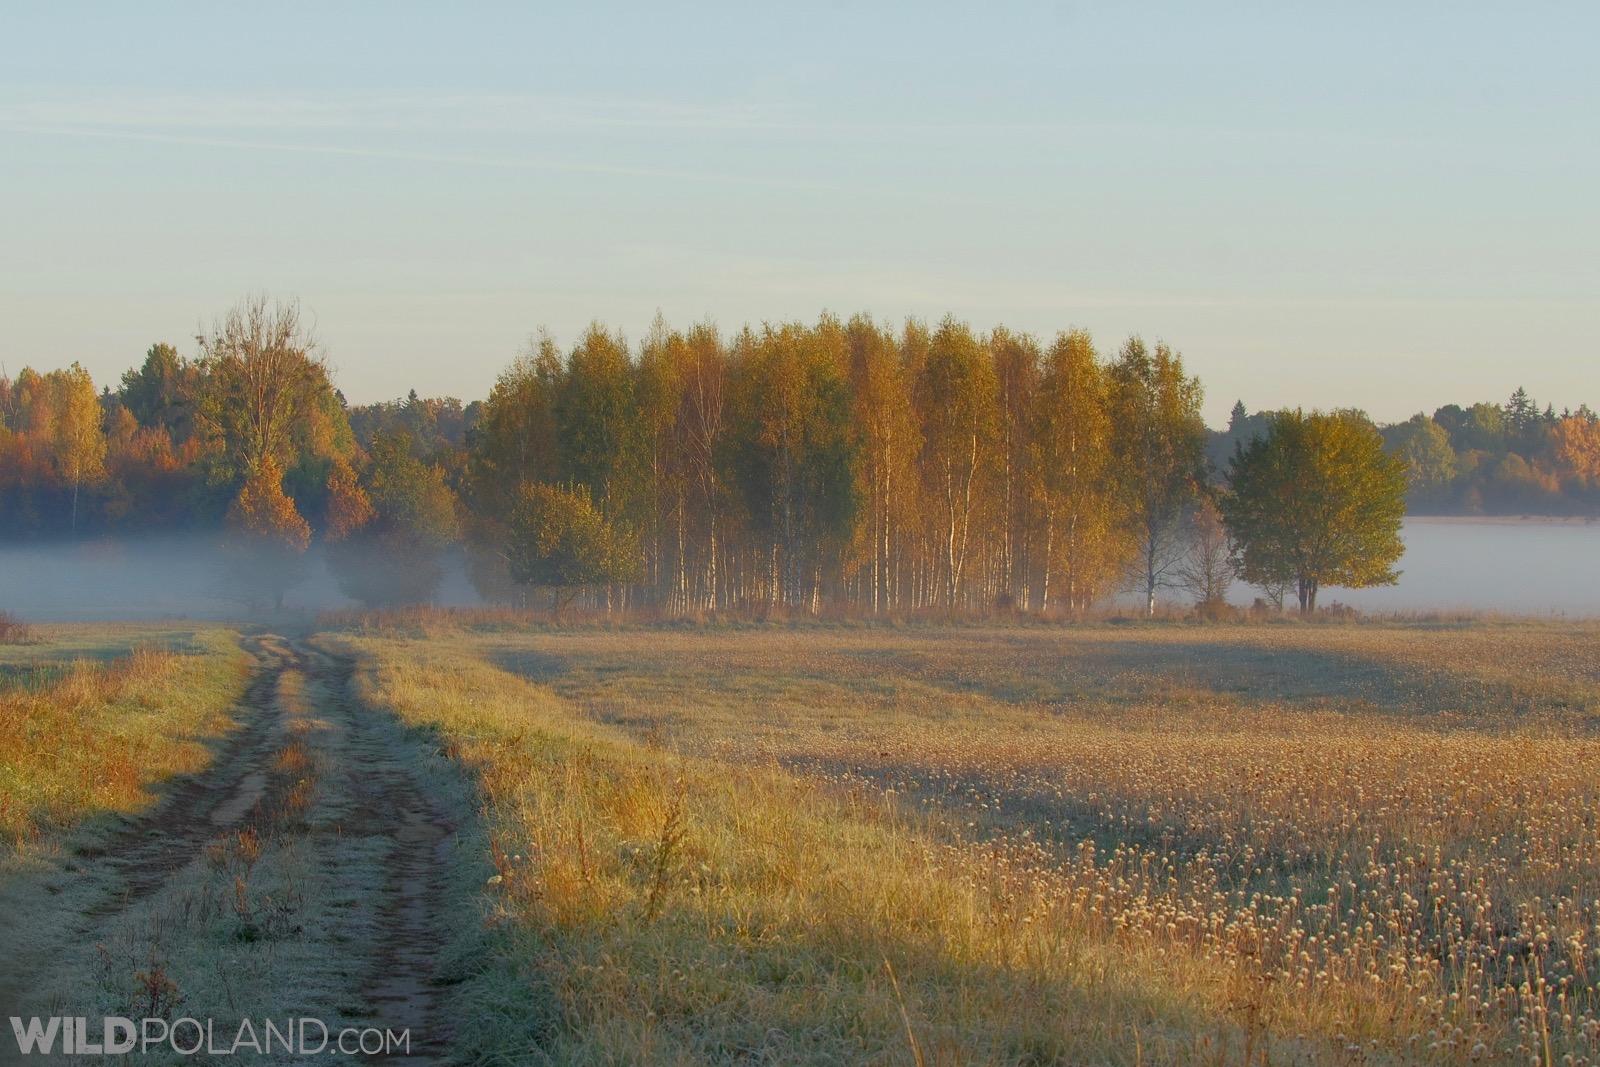 Misty meadows in the Białowieża Forest, photo by Andrzej Petryna